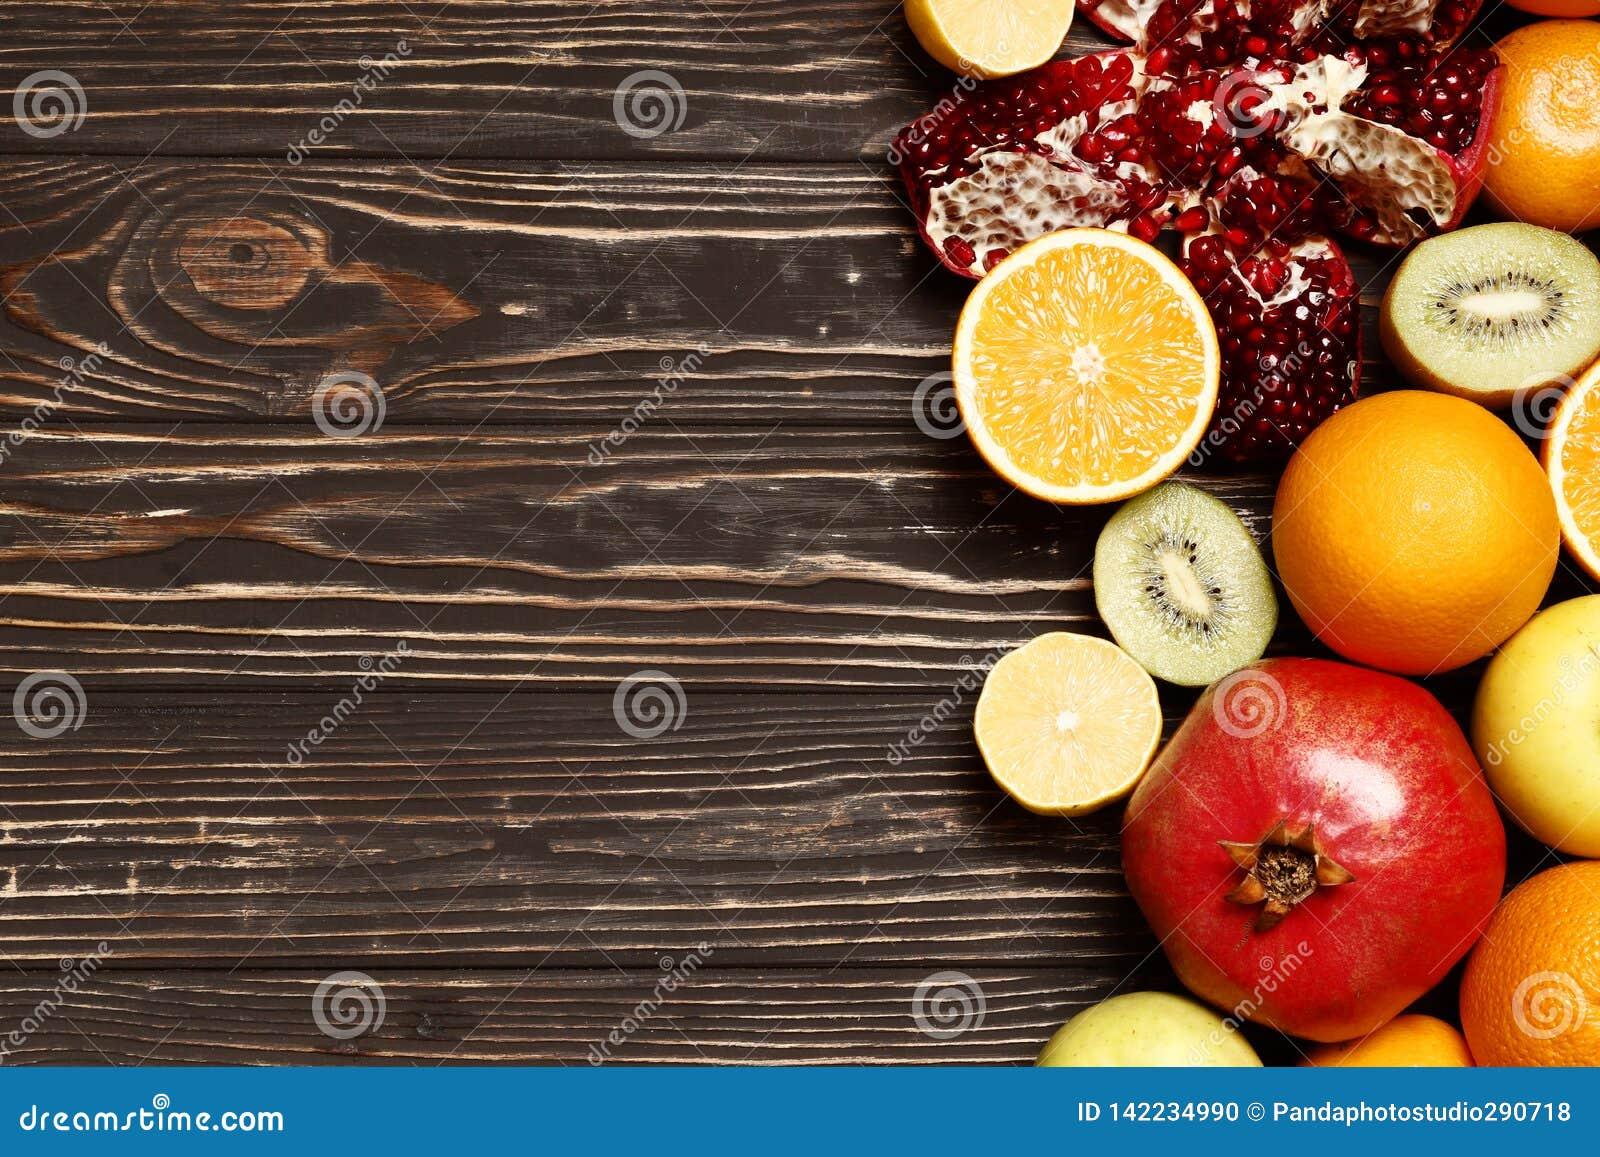 Vruchten op een houten lijst